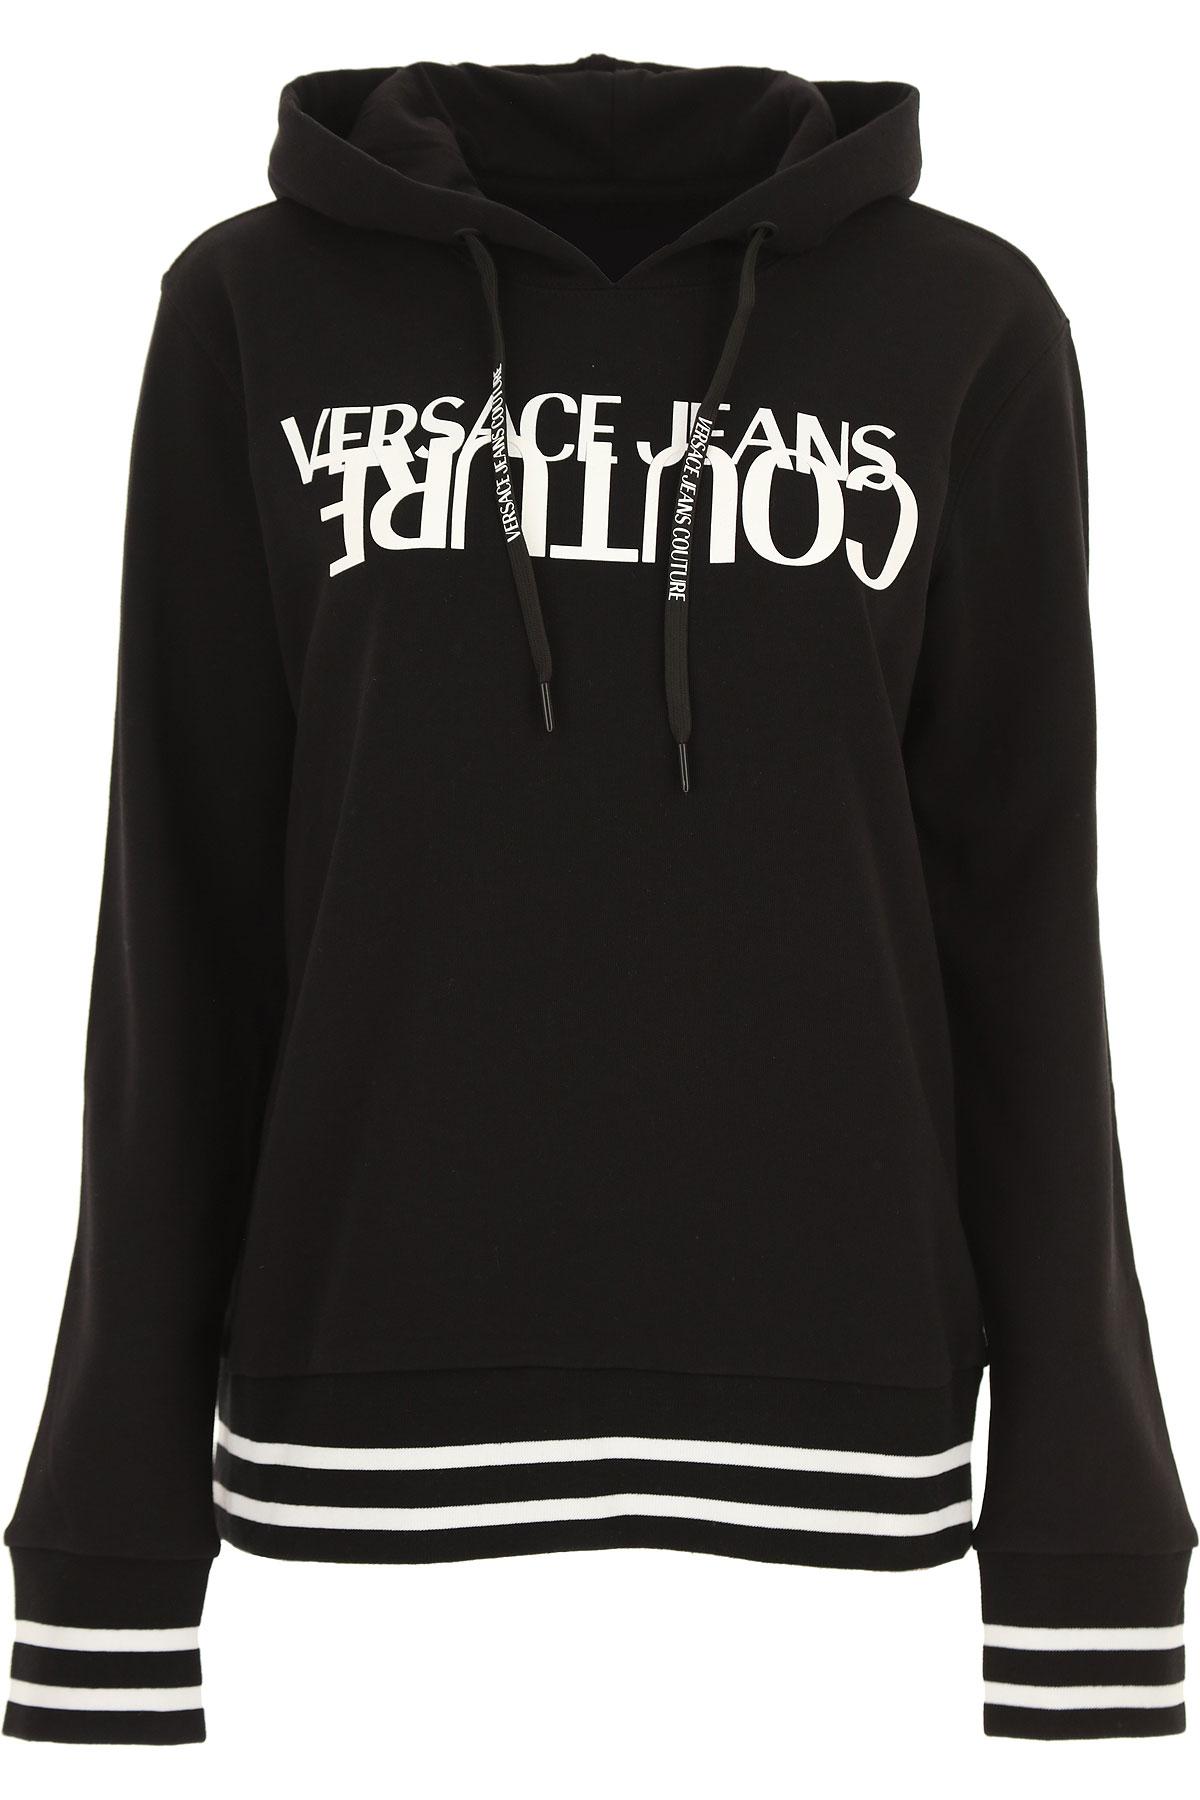 Versace Jeans Couture Sweatshirt for Women Pas cher en Soldes, Noir, Coton, 2019, 40 44 M